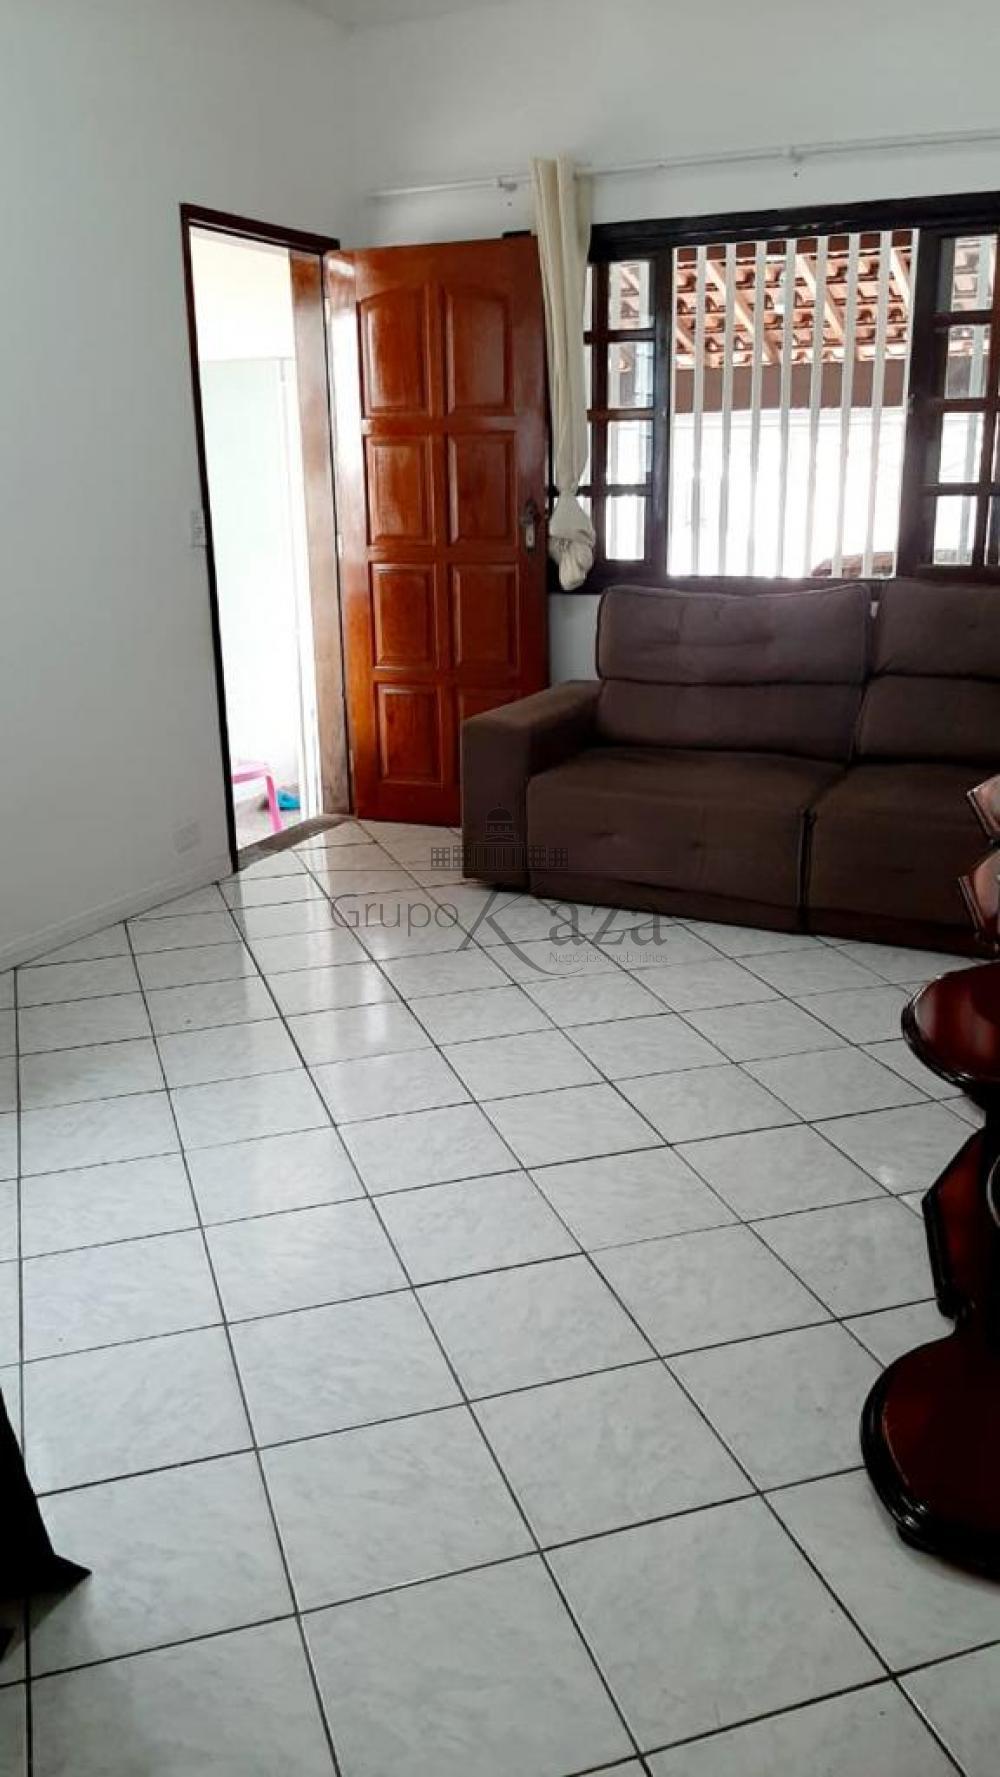 alt='Comprar Casa / Padrão em São José dos Campos R$ 320.000,00 - Foto 1' title='Comprar Casa / Padrão em São José dos Campos R$ 320.000,00 - Foto 1'